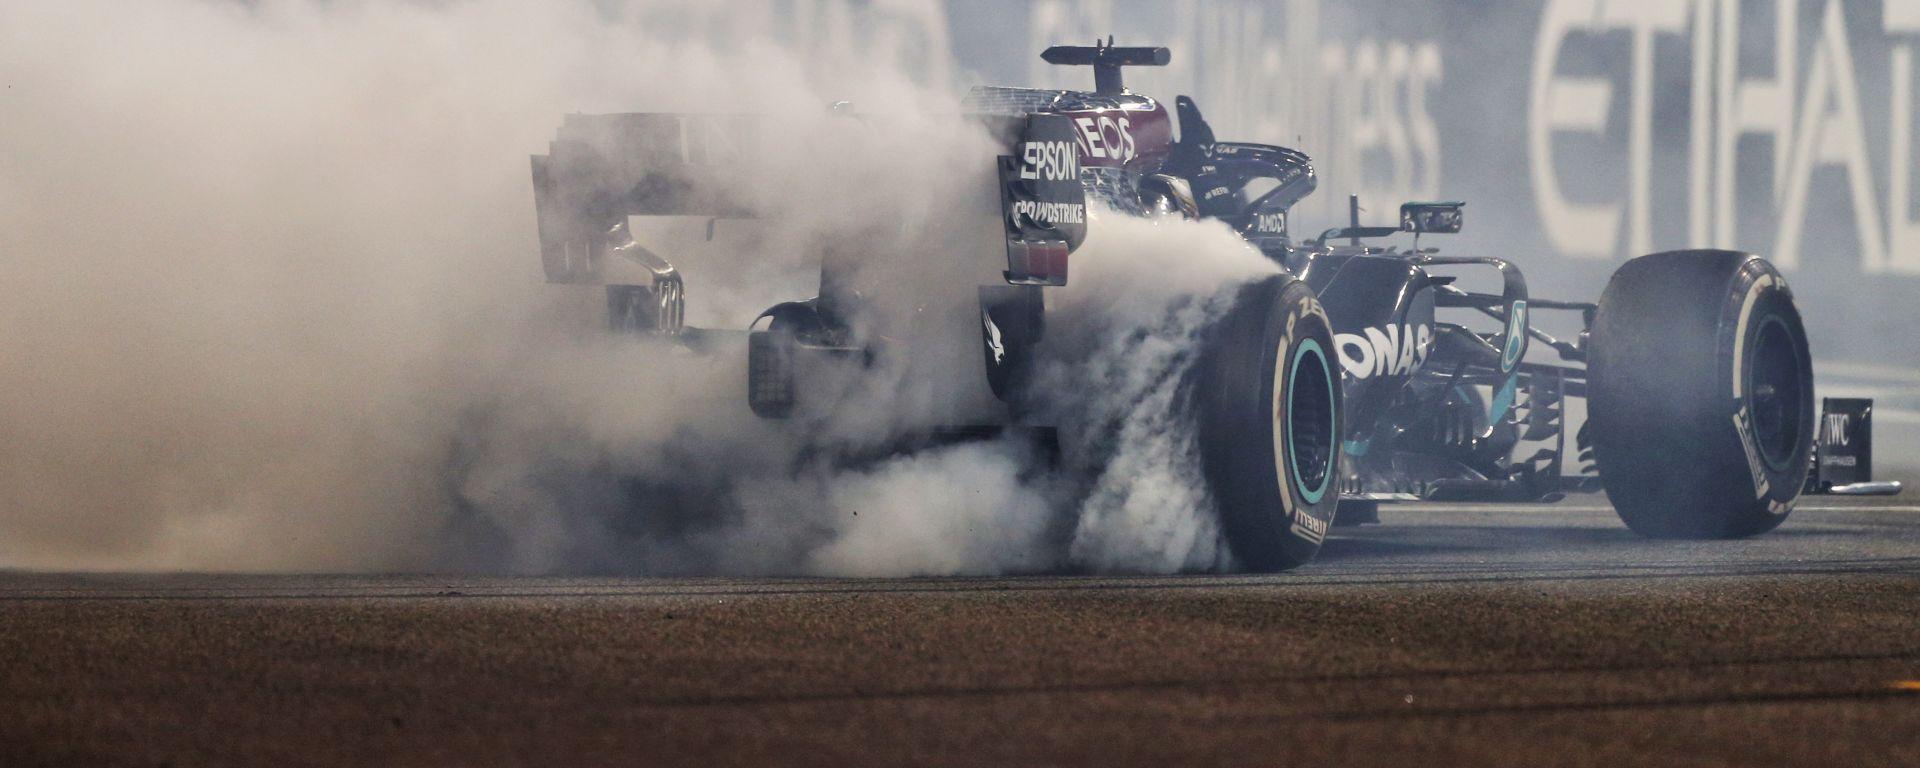 F1 GP Abu Dhabi 2020, Yas Marina: Lewis Hamilton (Mercedes AMG F1)